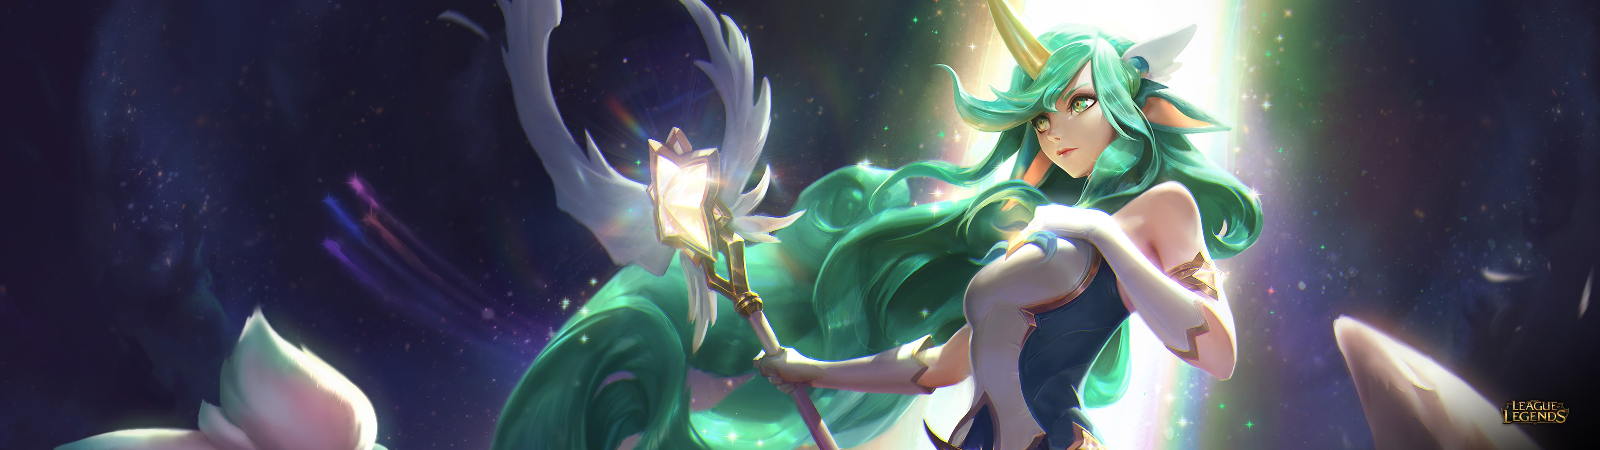 Star Guardian Soraka Wallpapers Fan Arts League Of Legends Lol Stats